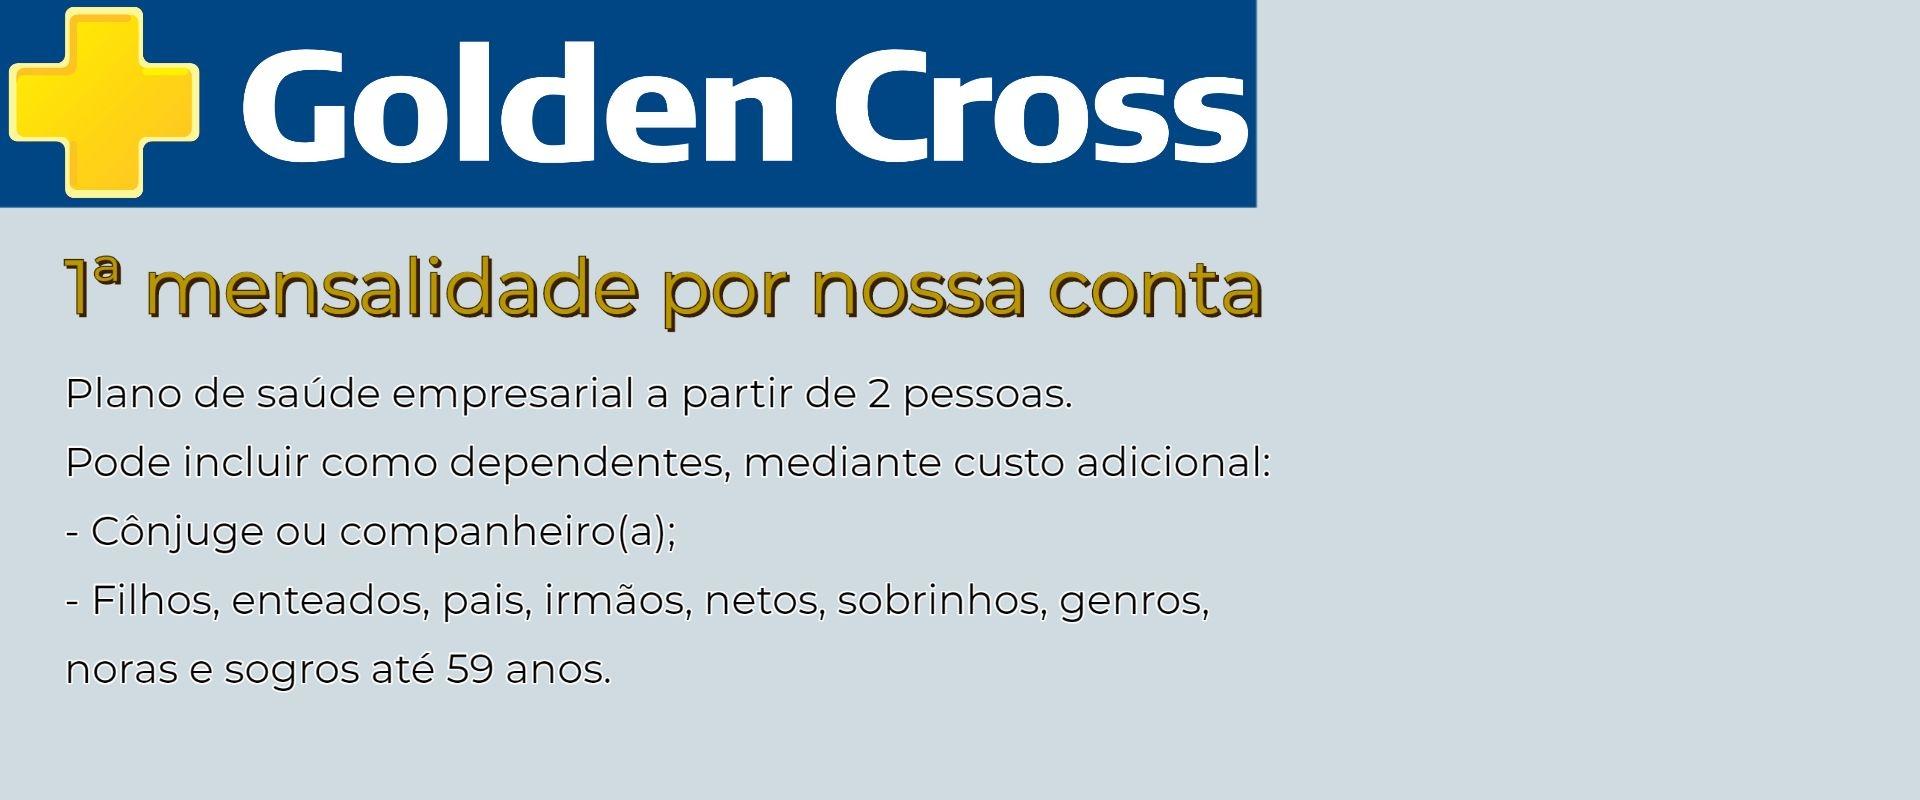 Golden Cross Empresarial - Rio de Janeiro